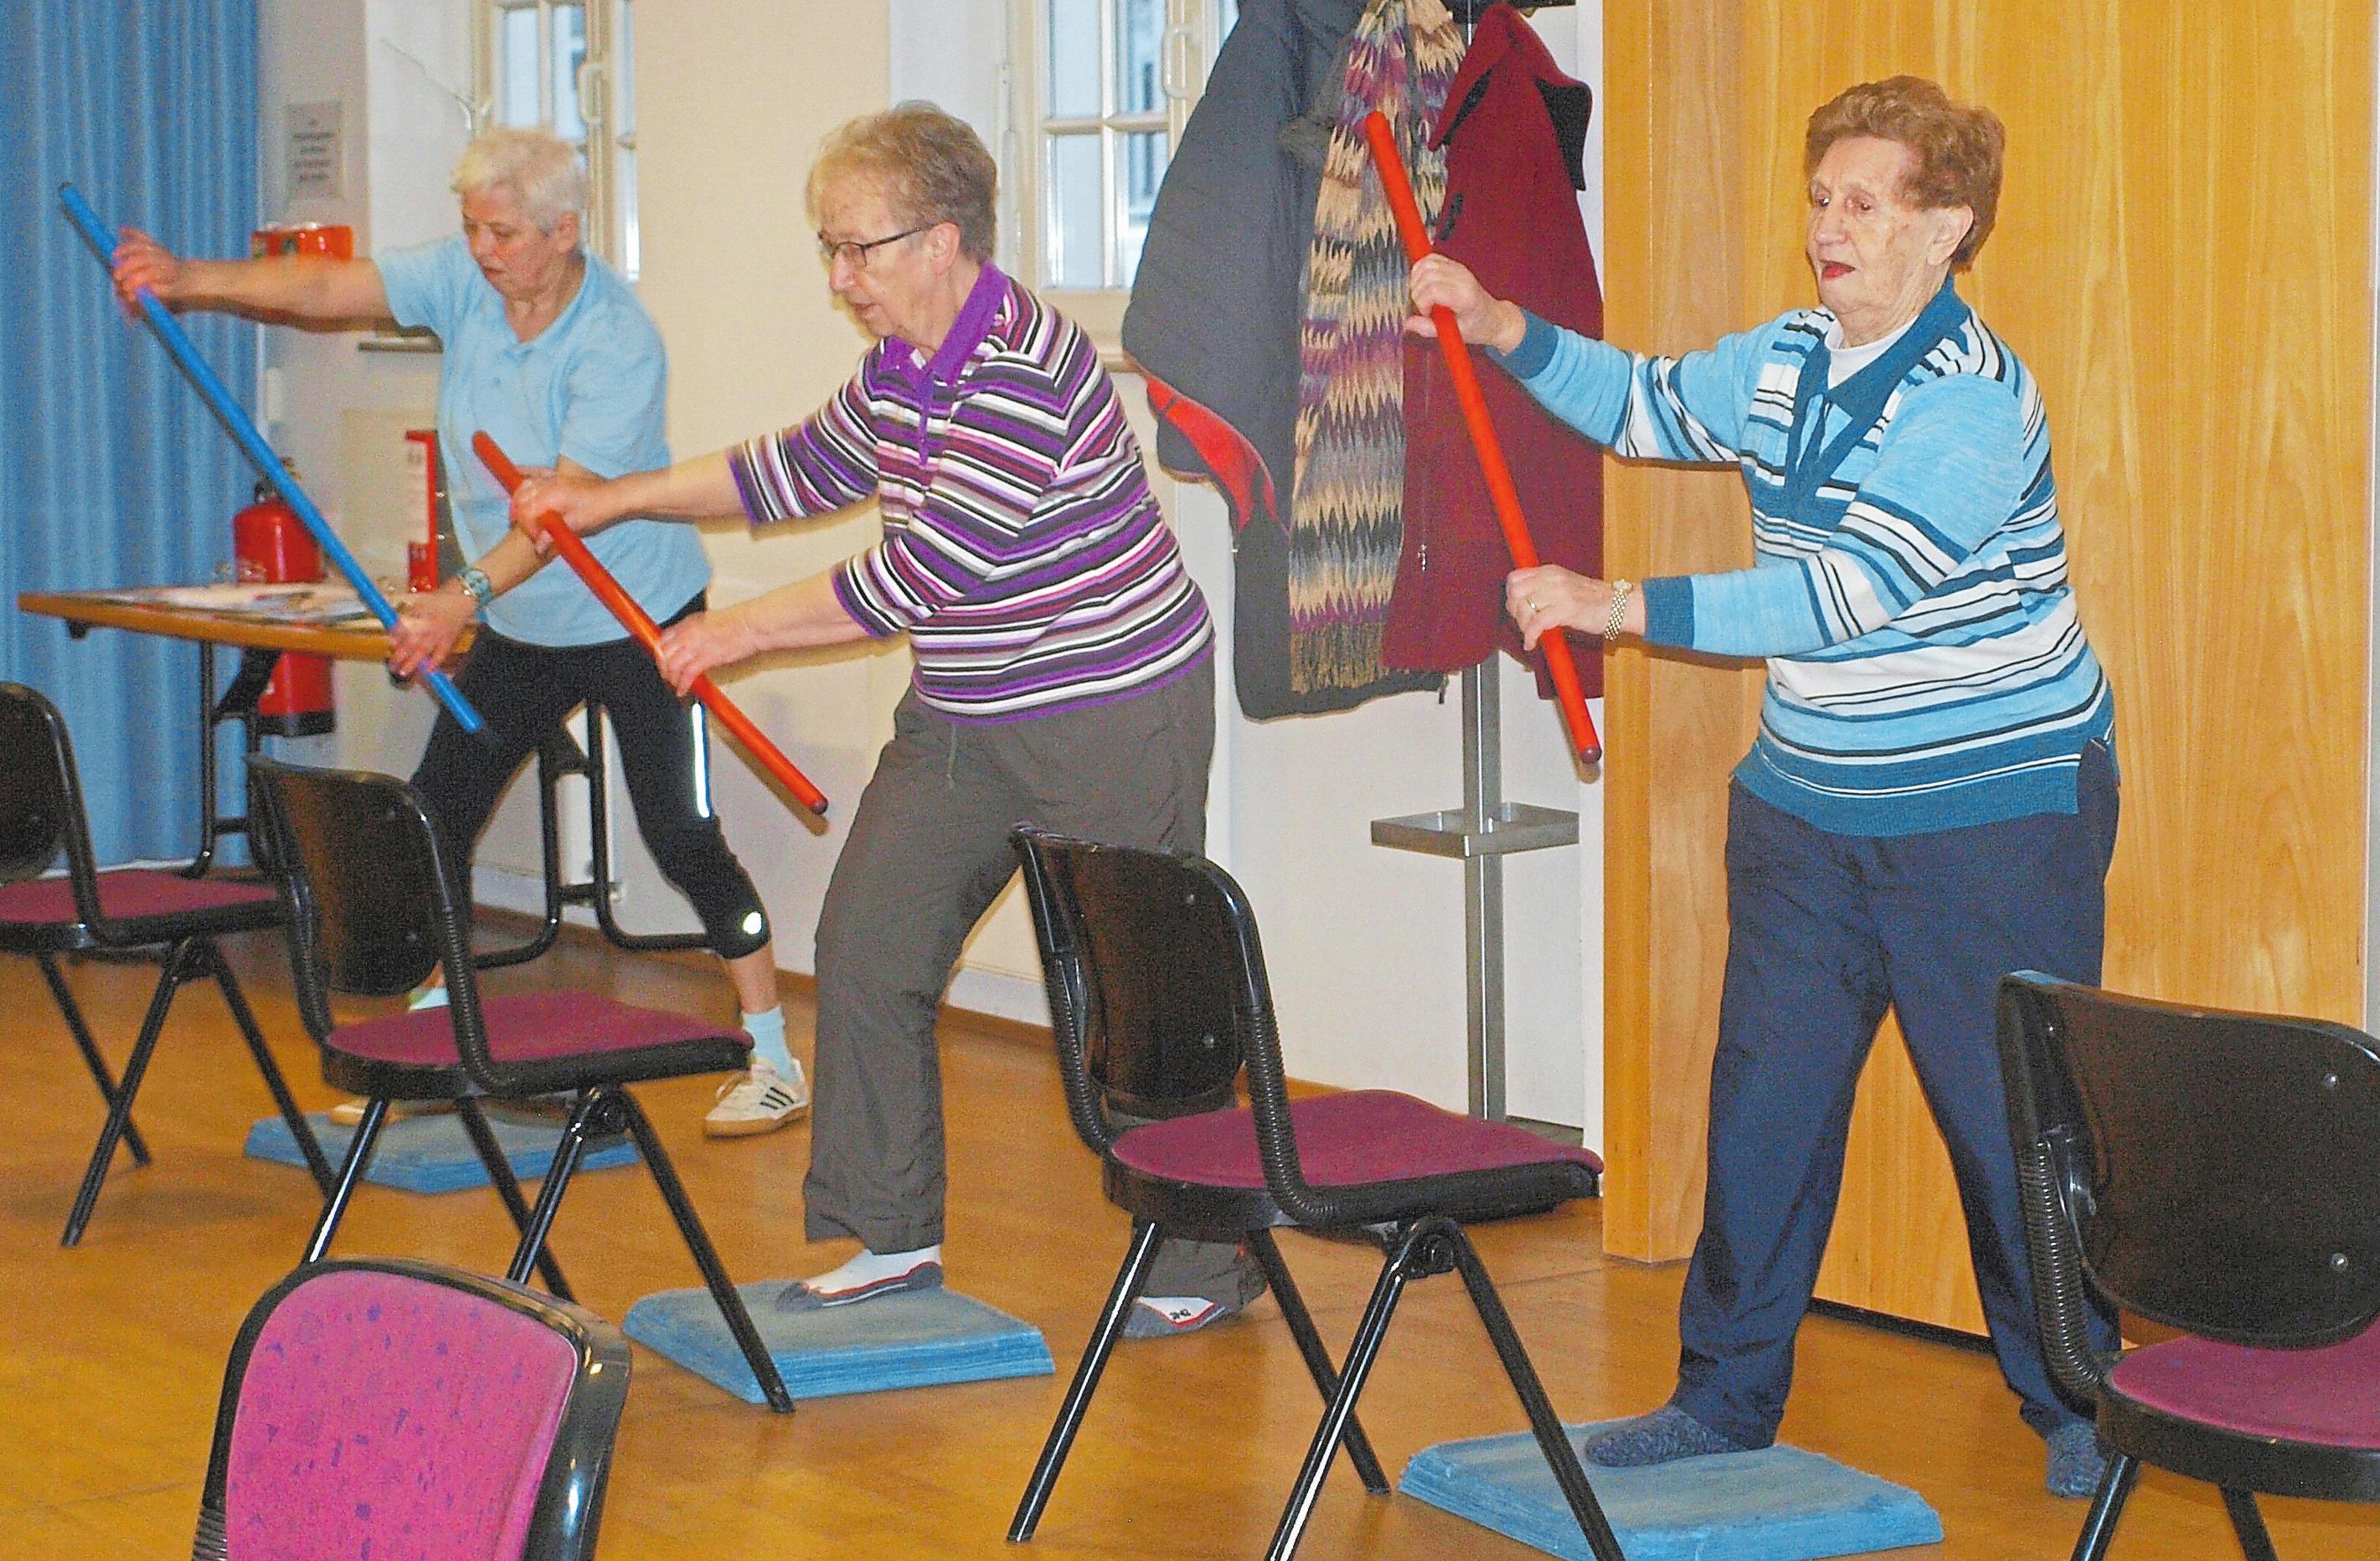 Körperlich beweglich zu bleiben, ist ein Puzzleteil, das zu mehr Lebensqualität im Alter führt.